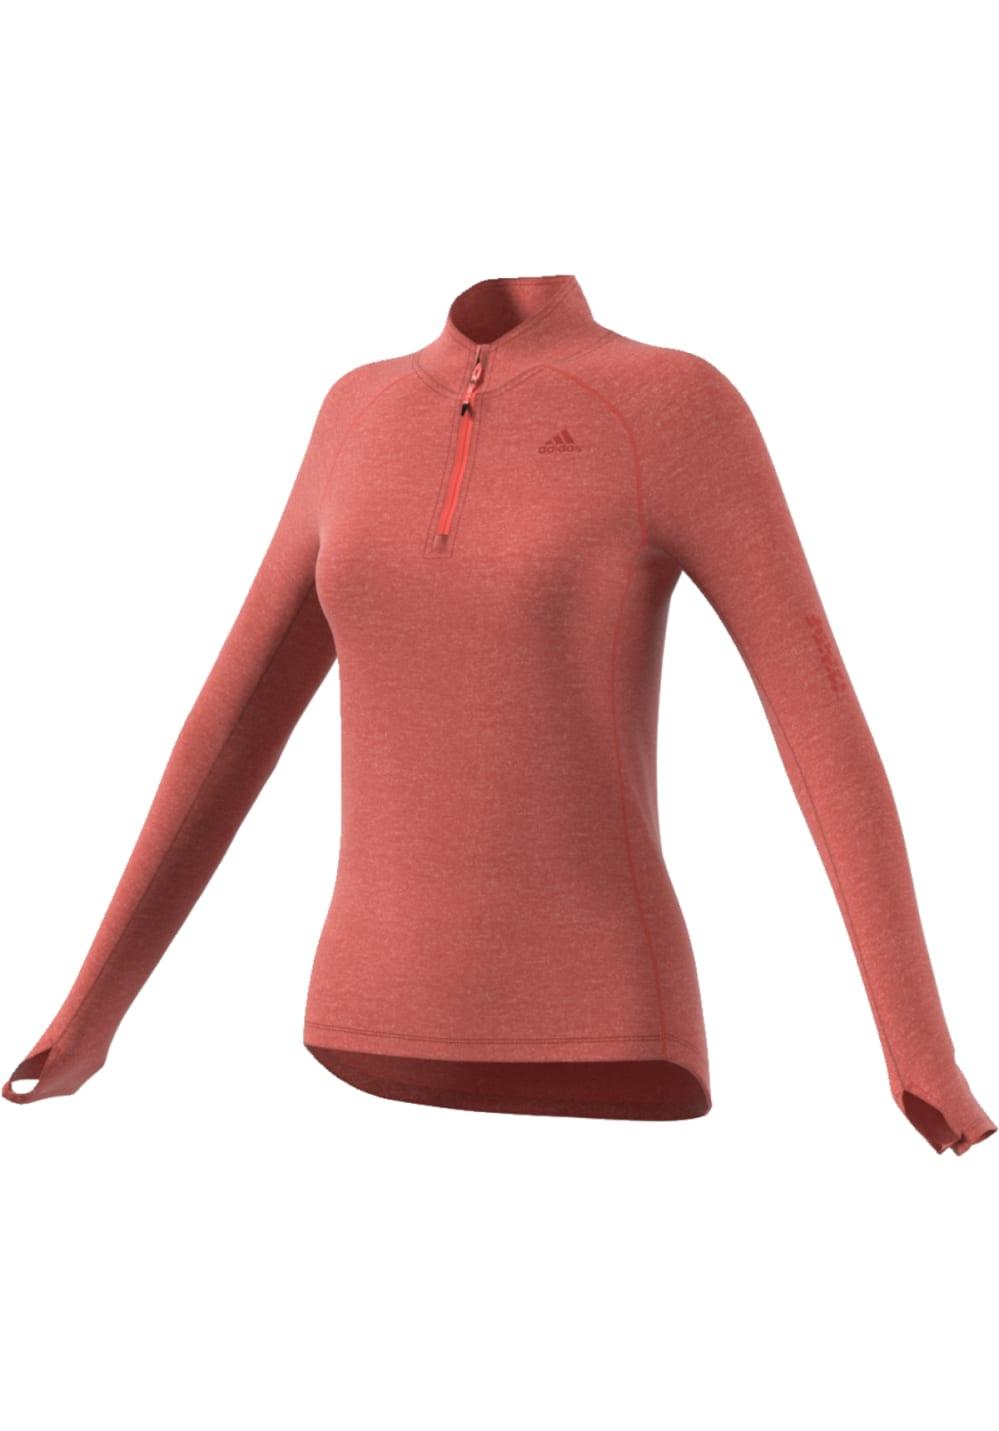 adidas Supernova 1/2 Zip - Sweatshirts & Hoodies für Damen - Orange